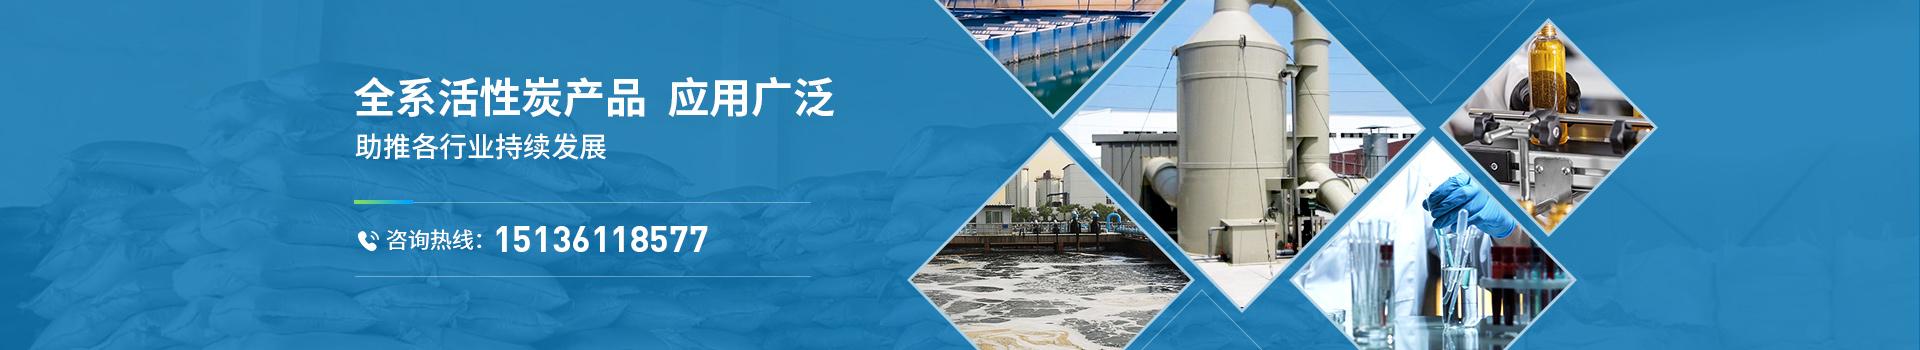 全系活性炭产品,应用广泛